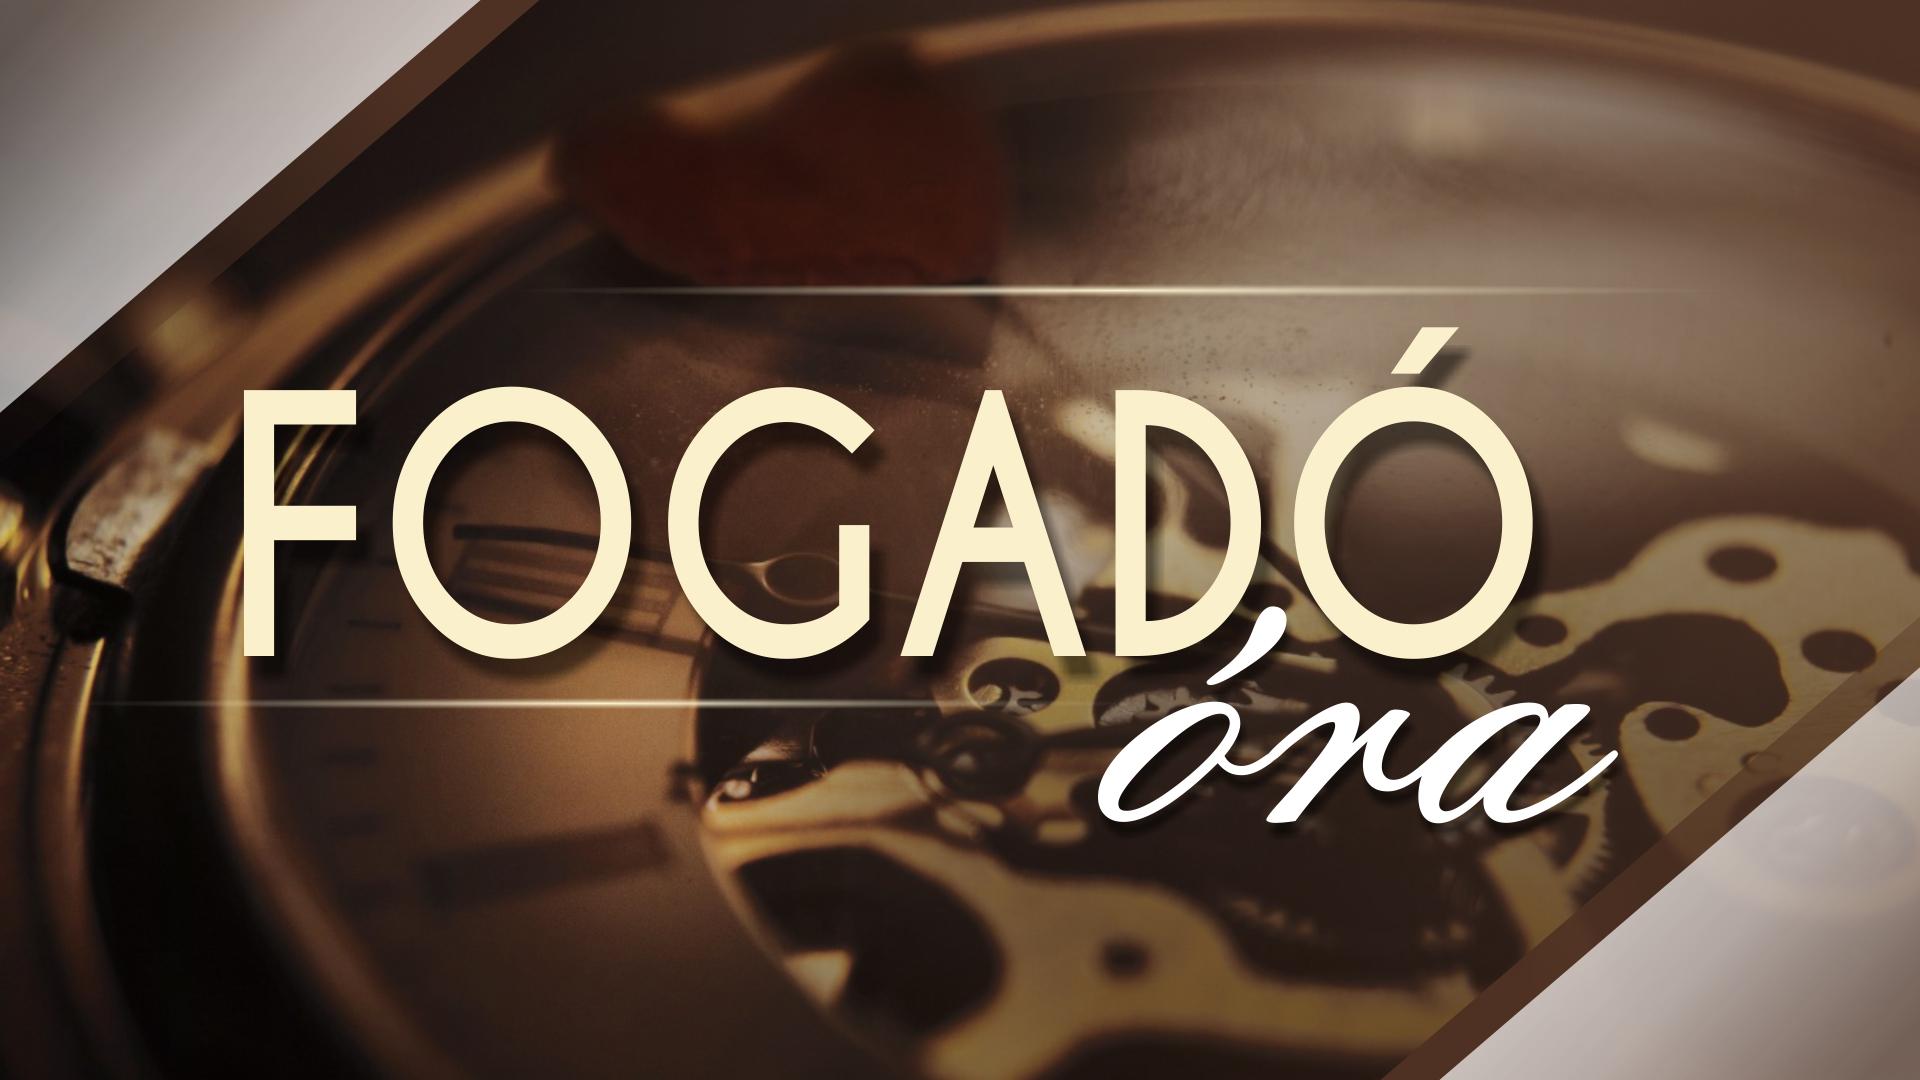 fogadoora_hd_1.jpg